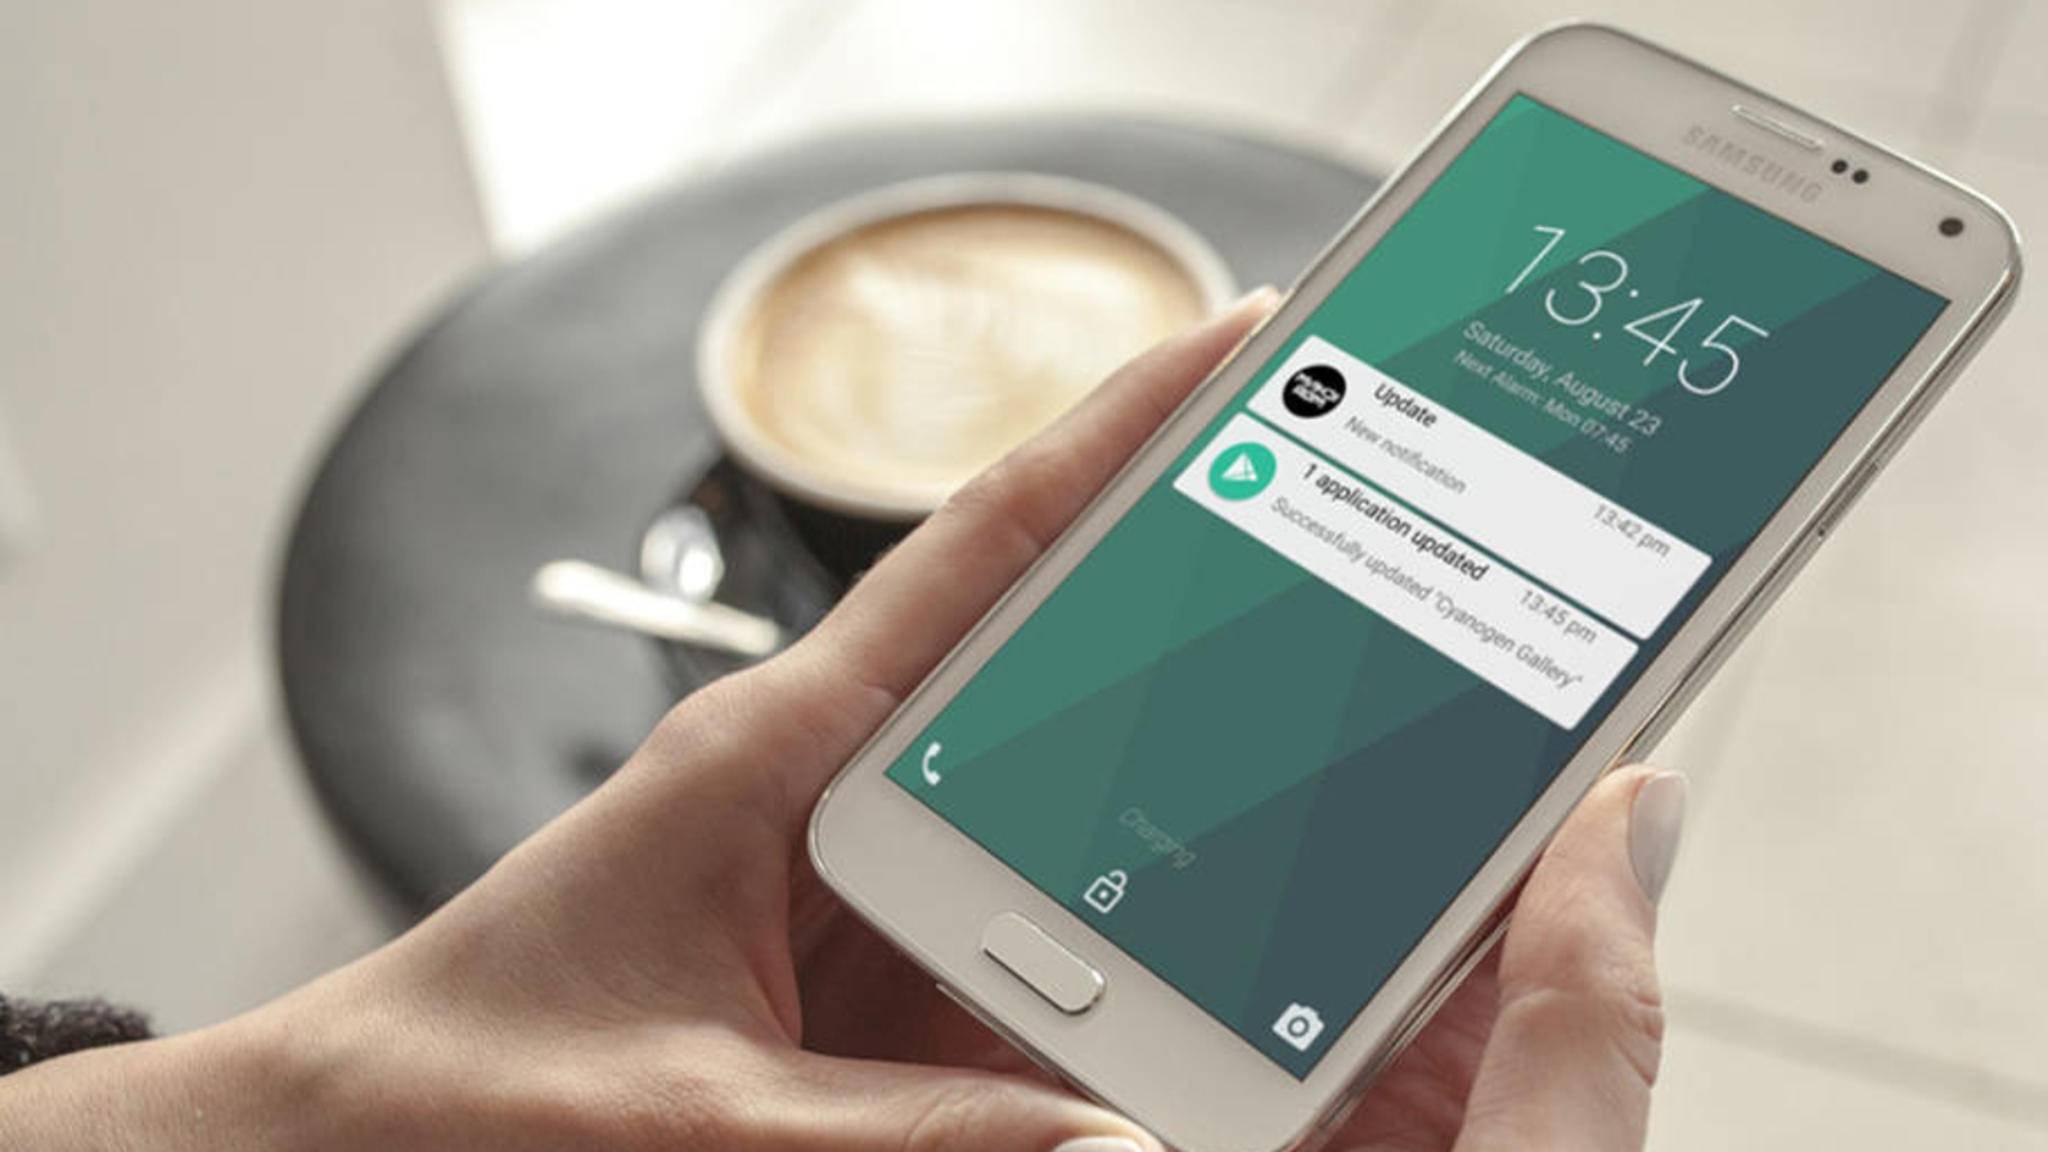 Die nächste Android-Version unterstützt offenbar die Anruf-Aufzeichnung.